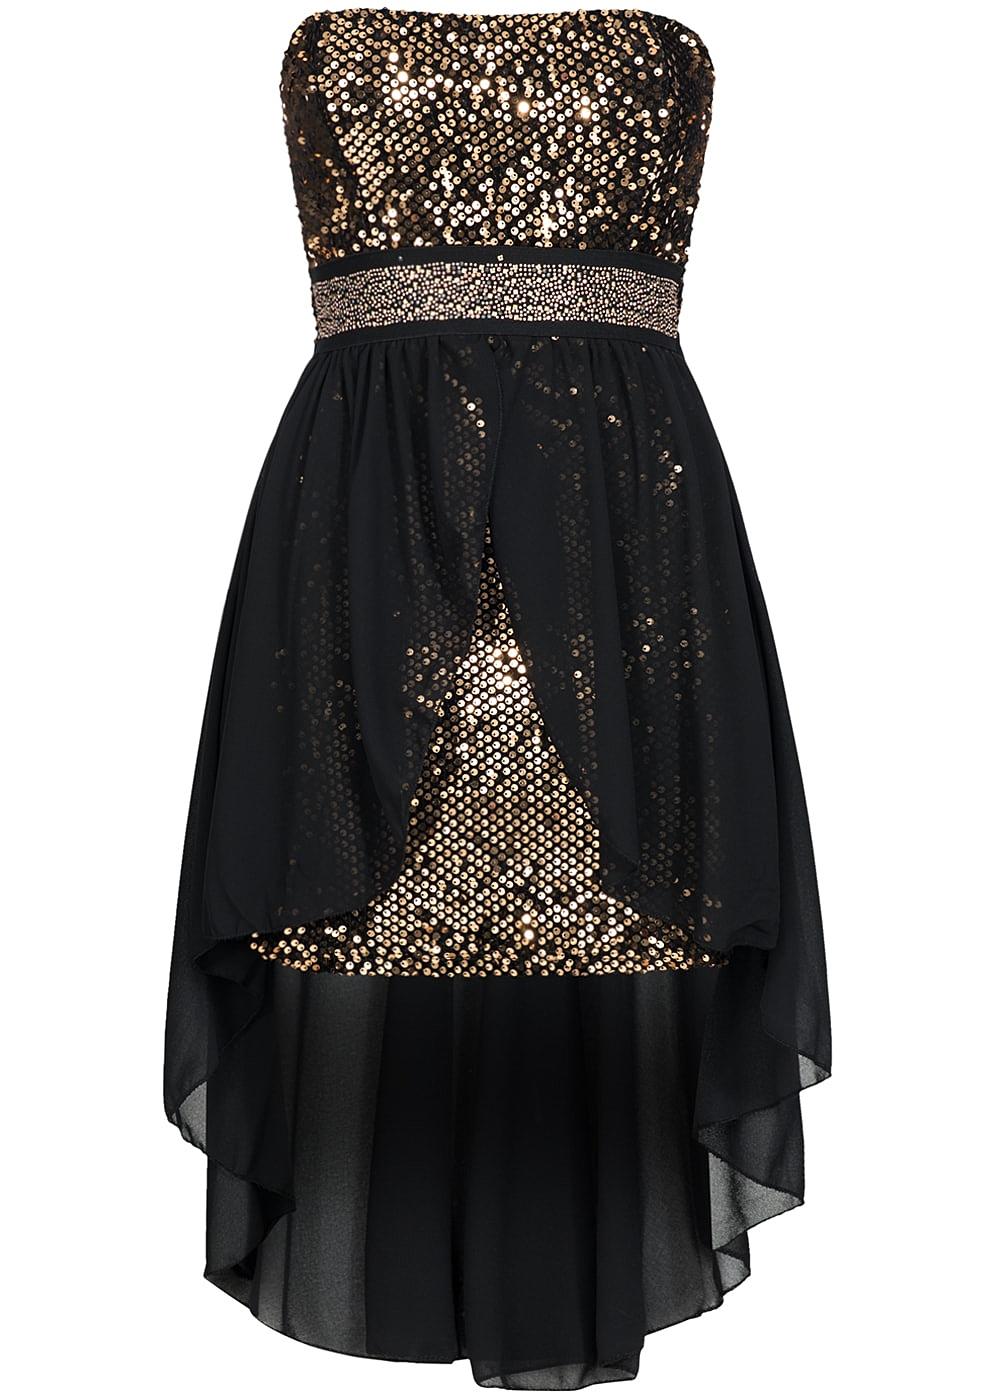 Kleider in schwarz gold